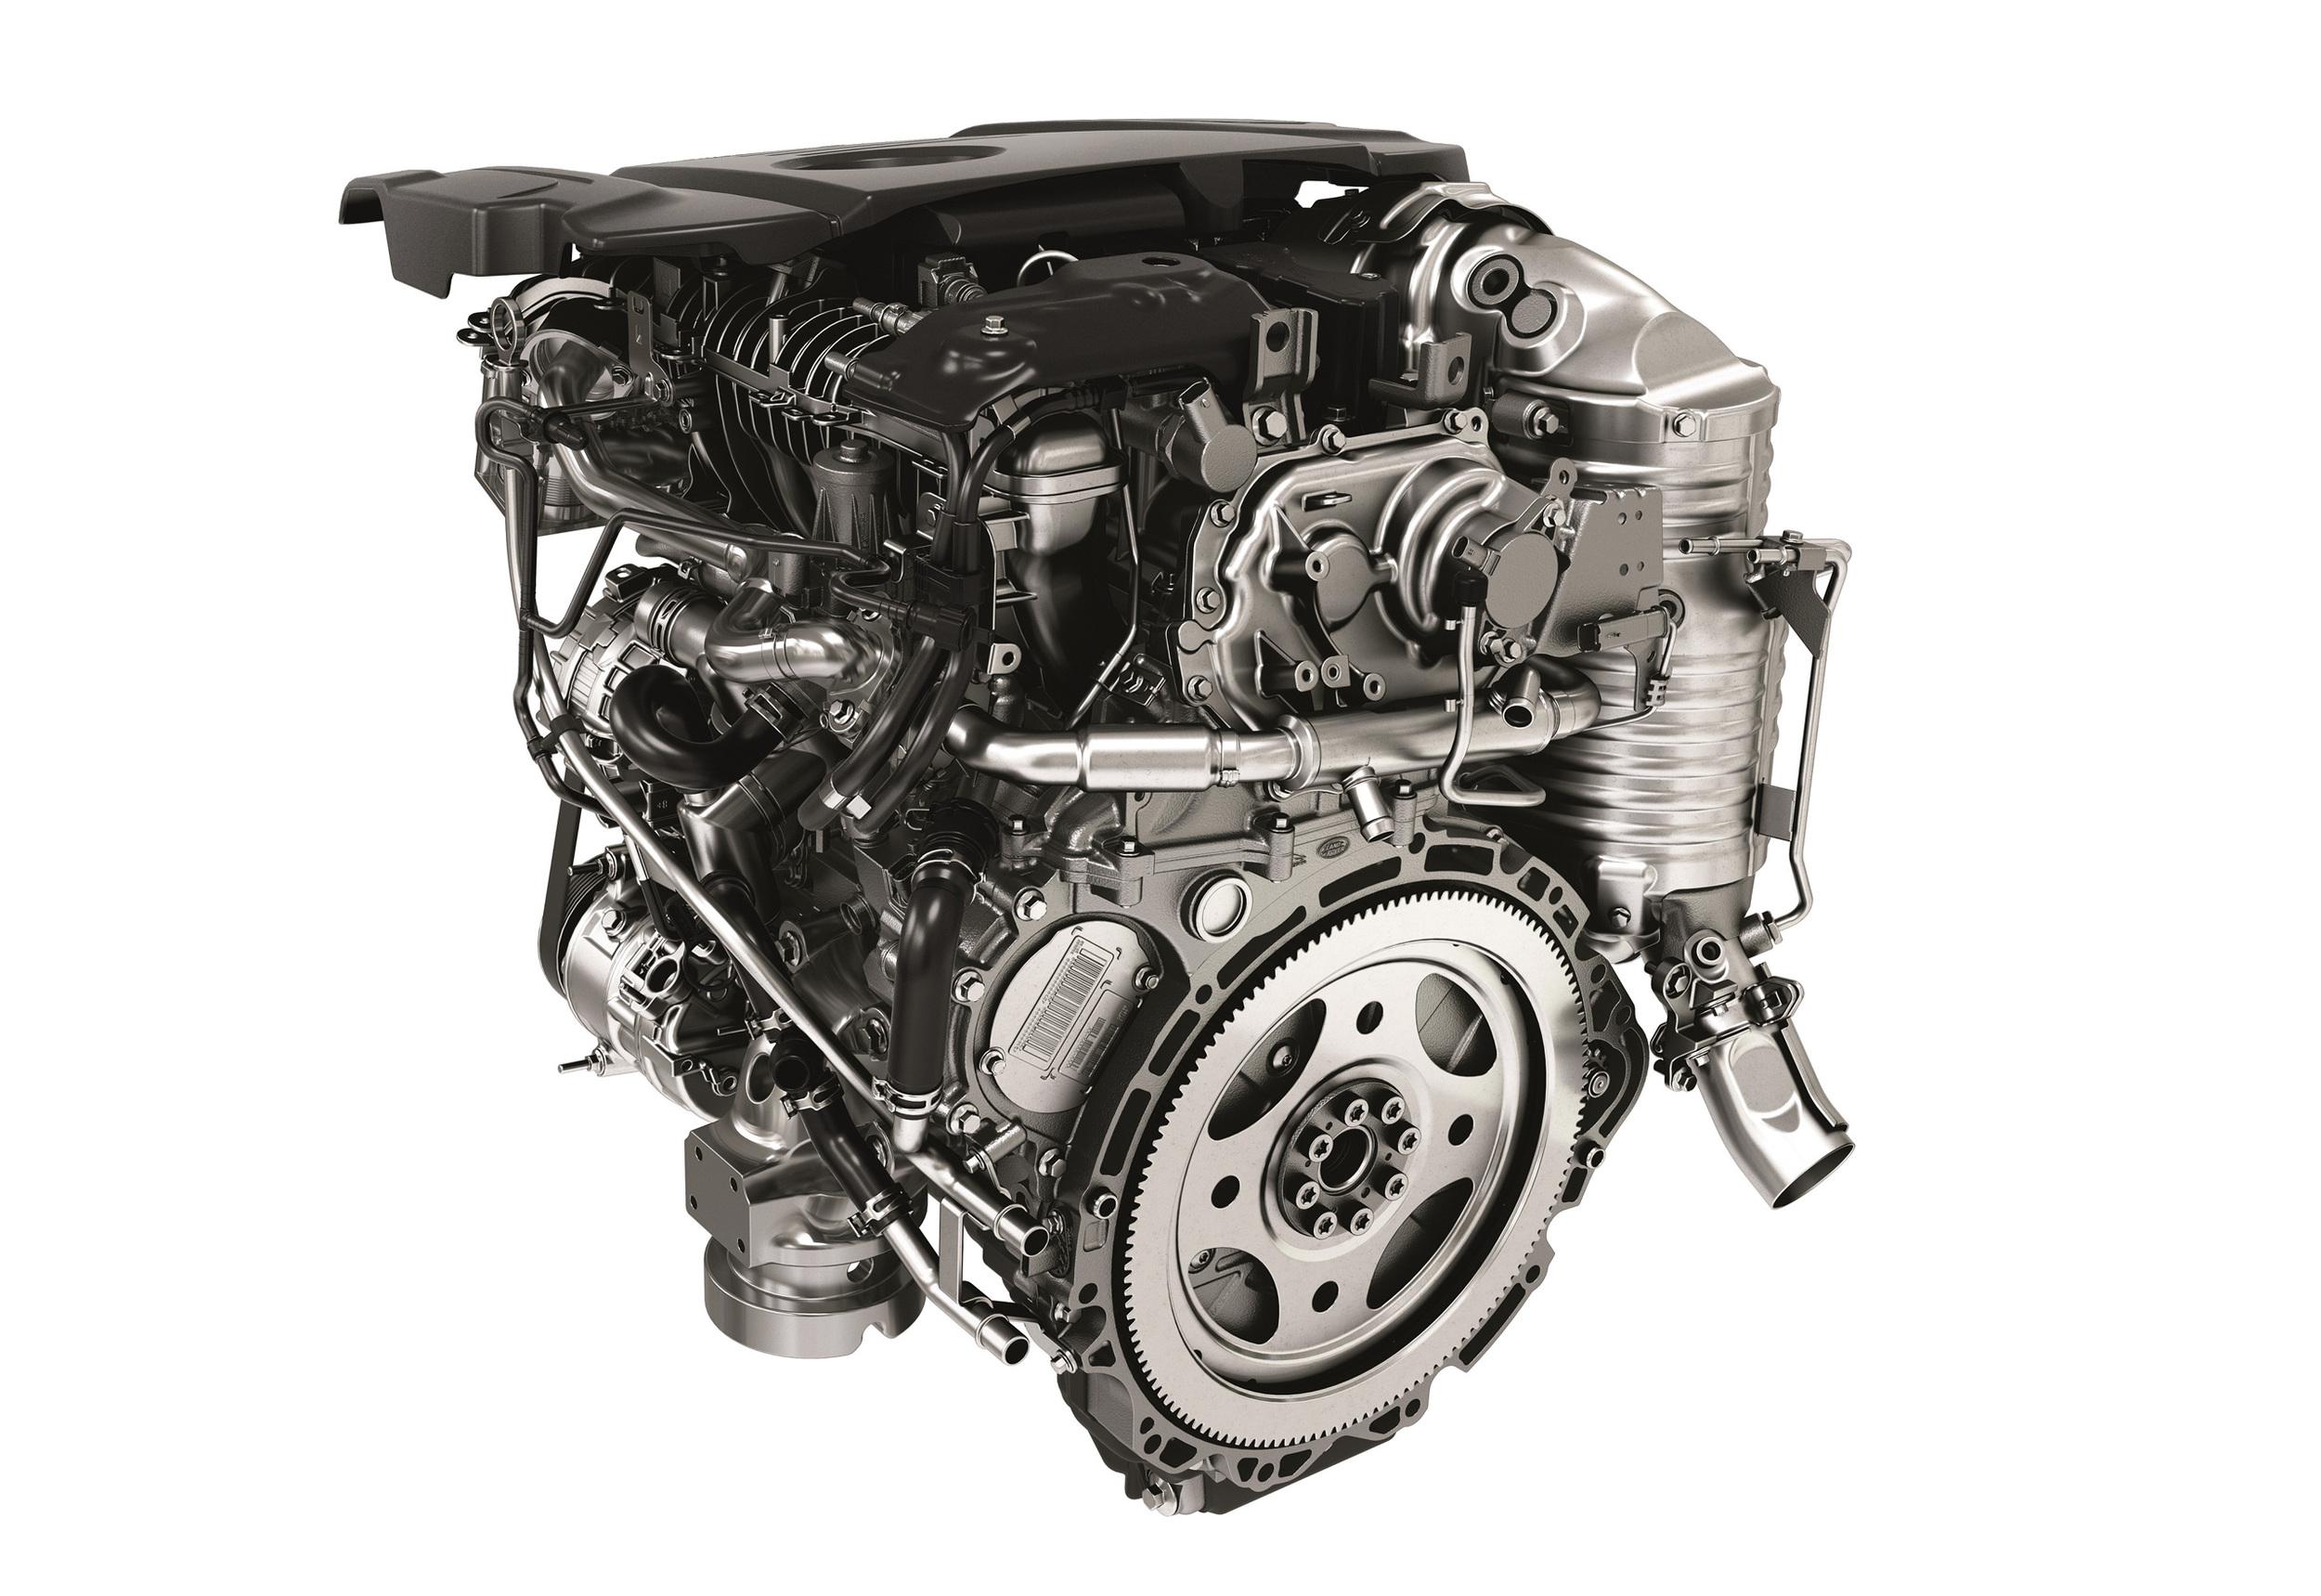 Ingenium-Diesel-High-engine-CGI.jpg